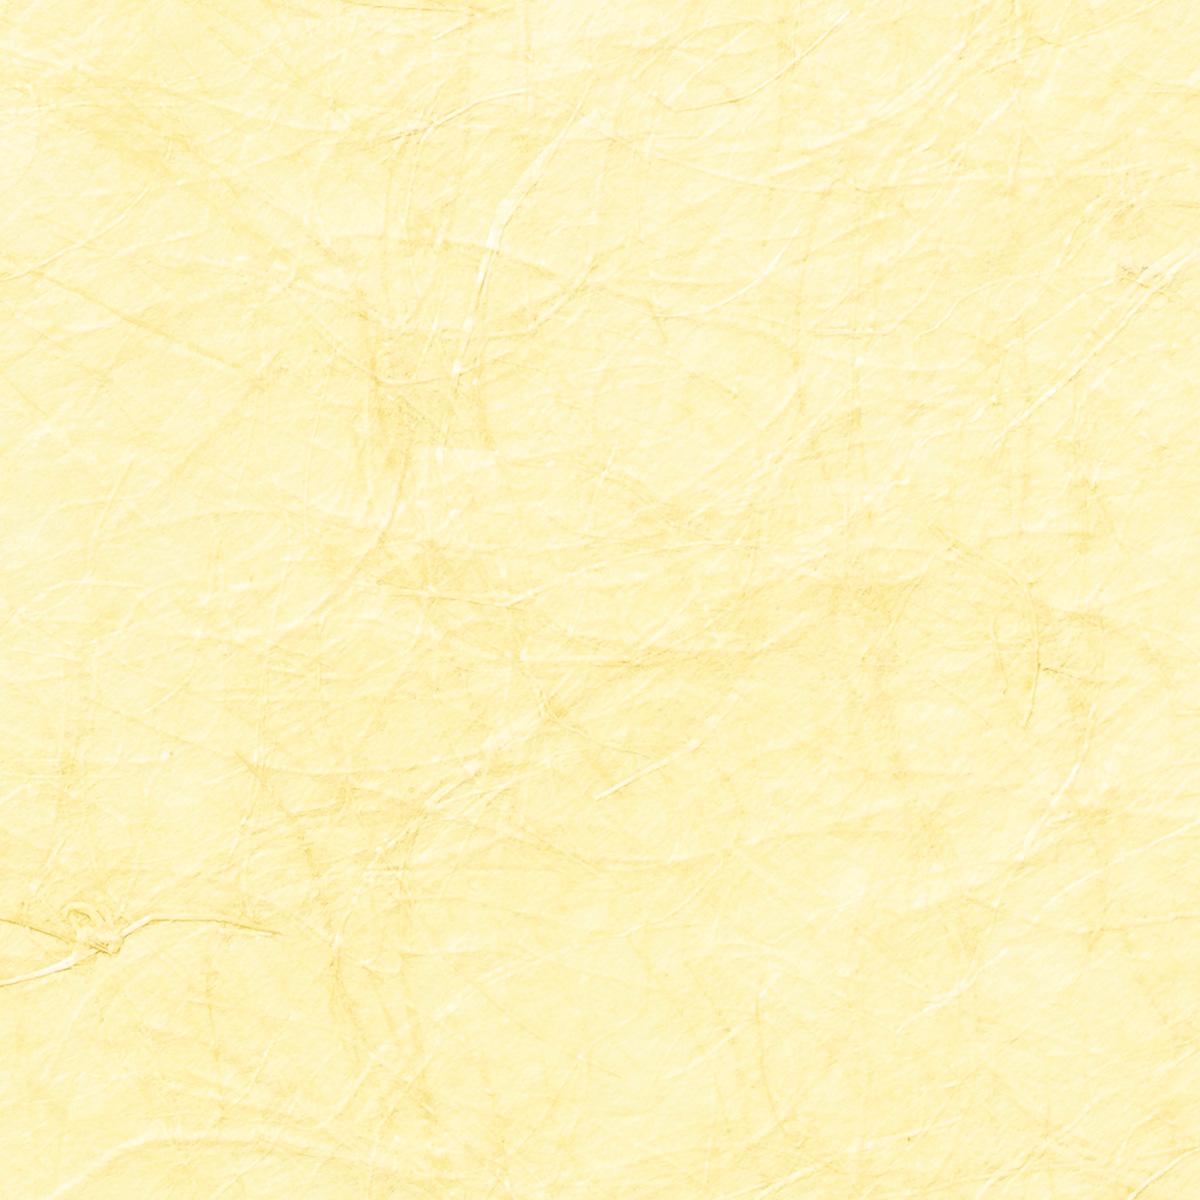 阿波 金和紙(マニラ麻紙)L27